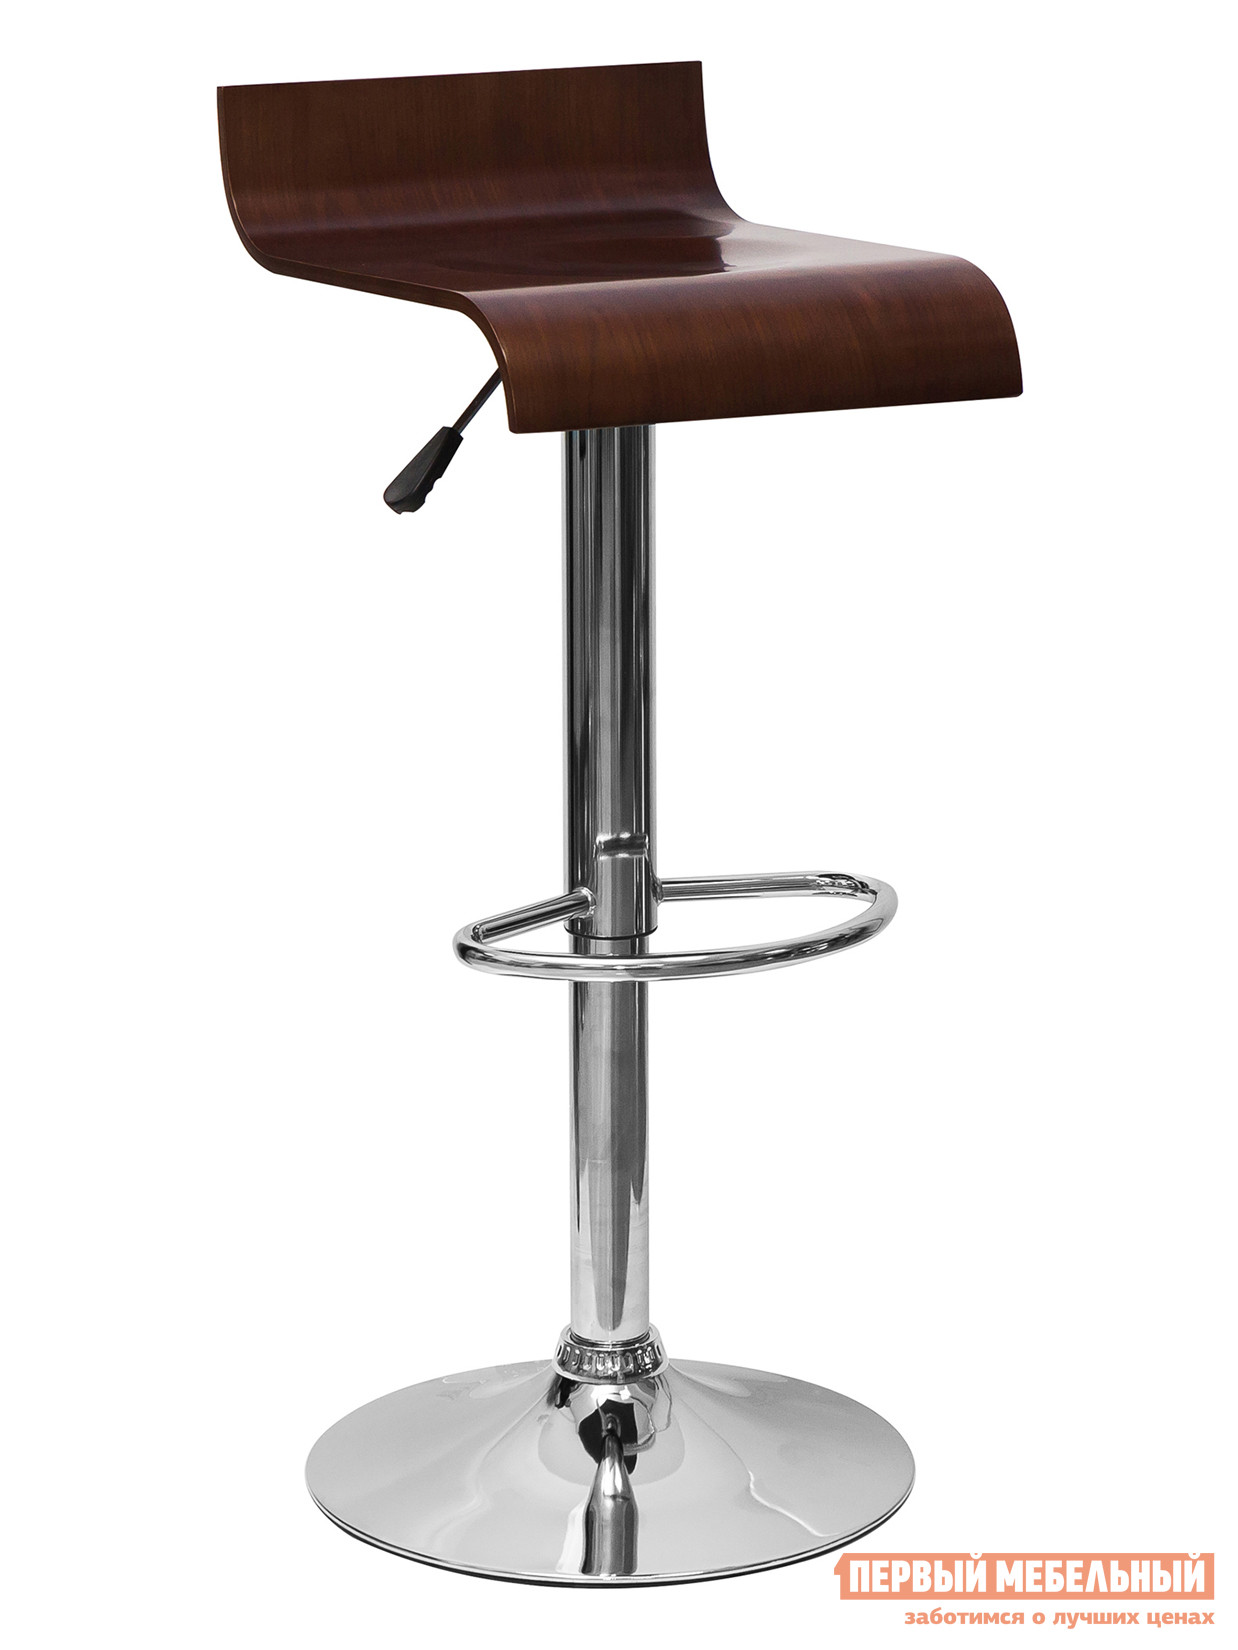 Барный стул Stool Group Стул барный Дублин барный стул рост тренд 2пб м кремовый